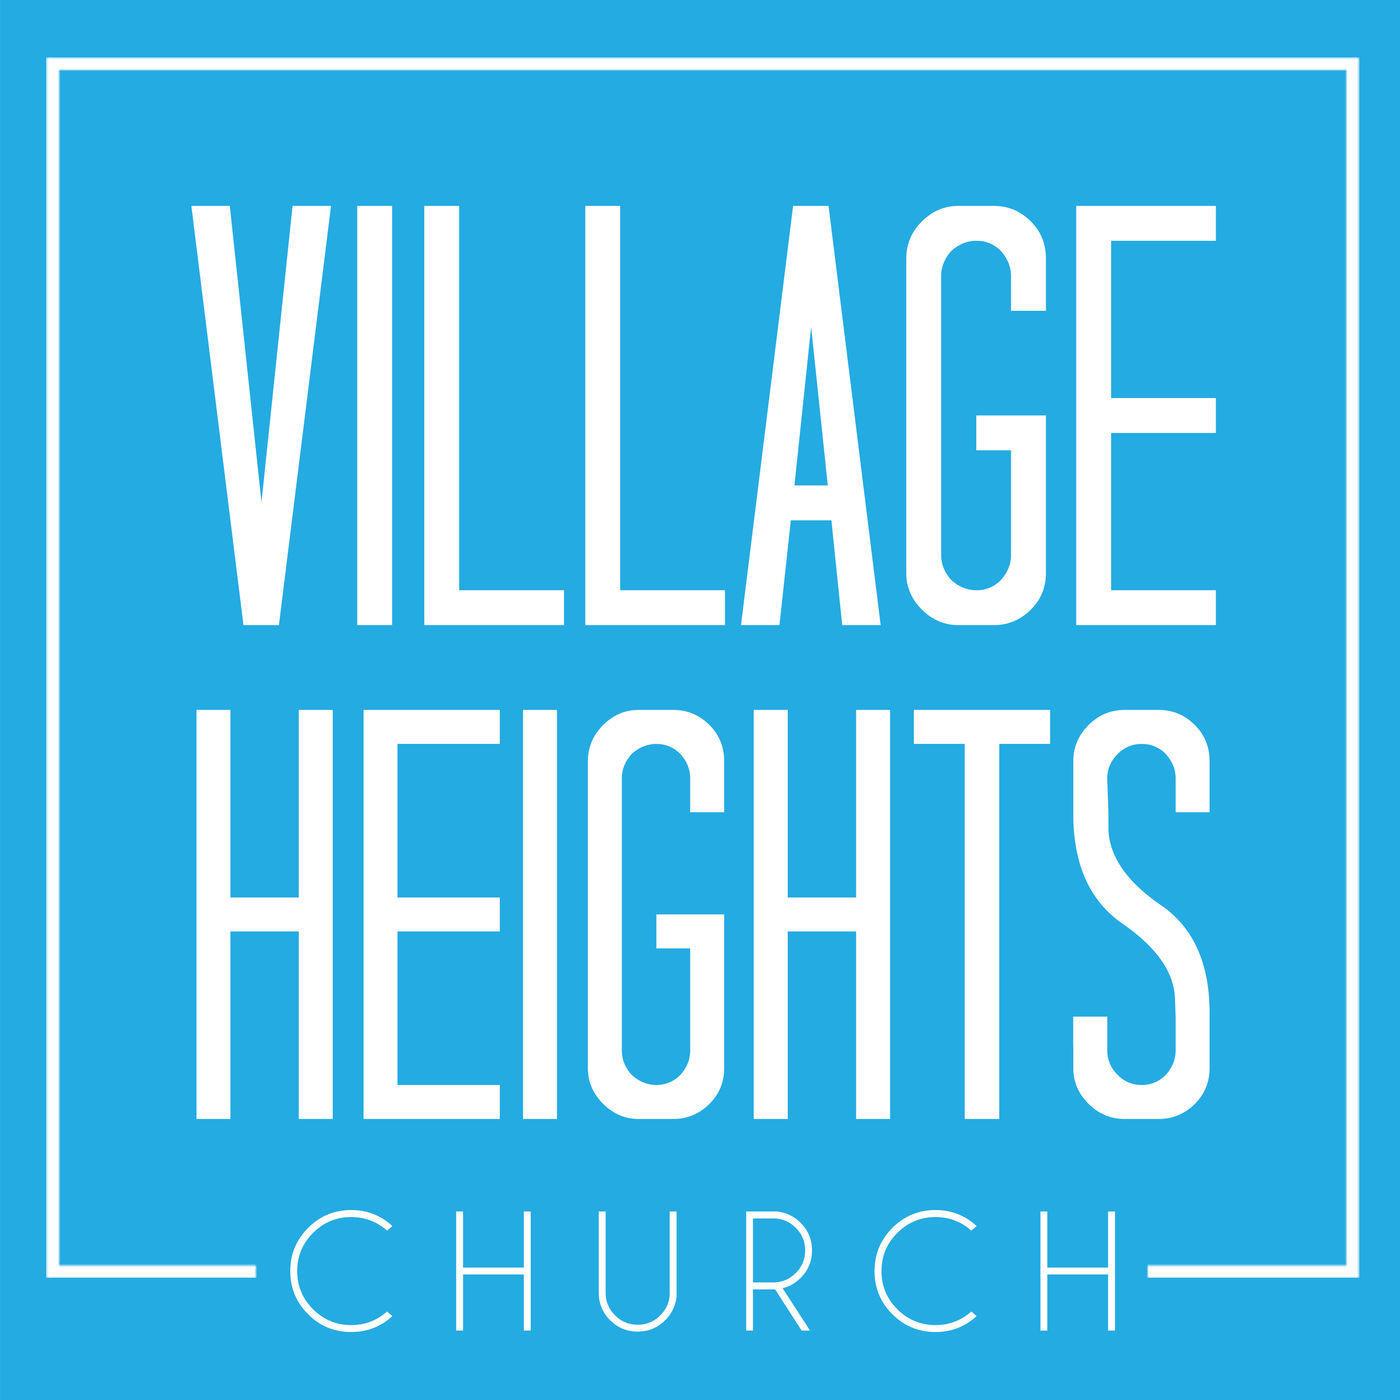 Village Heights